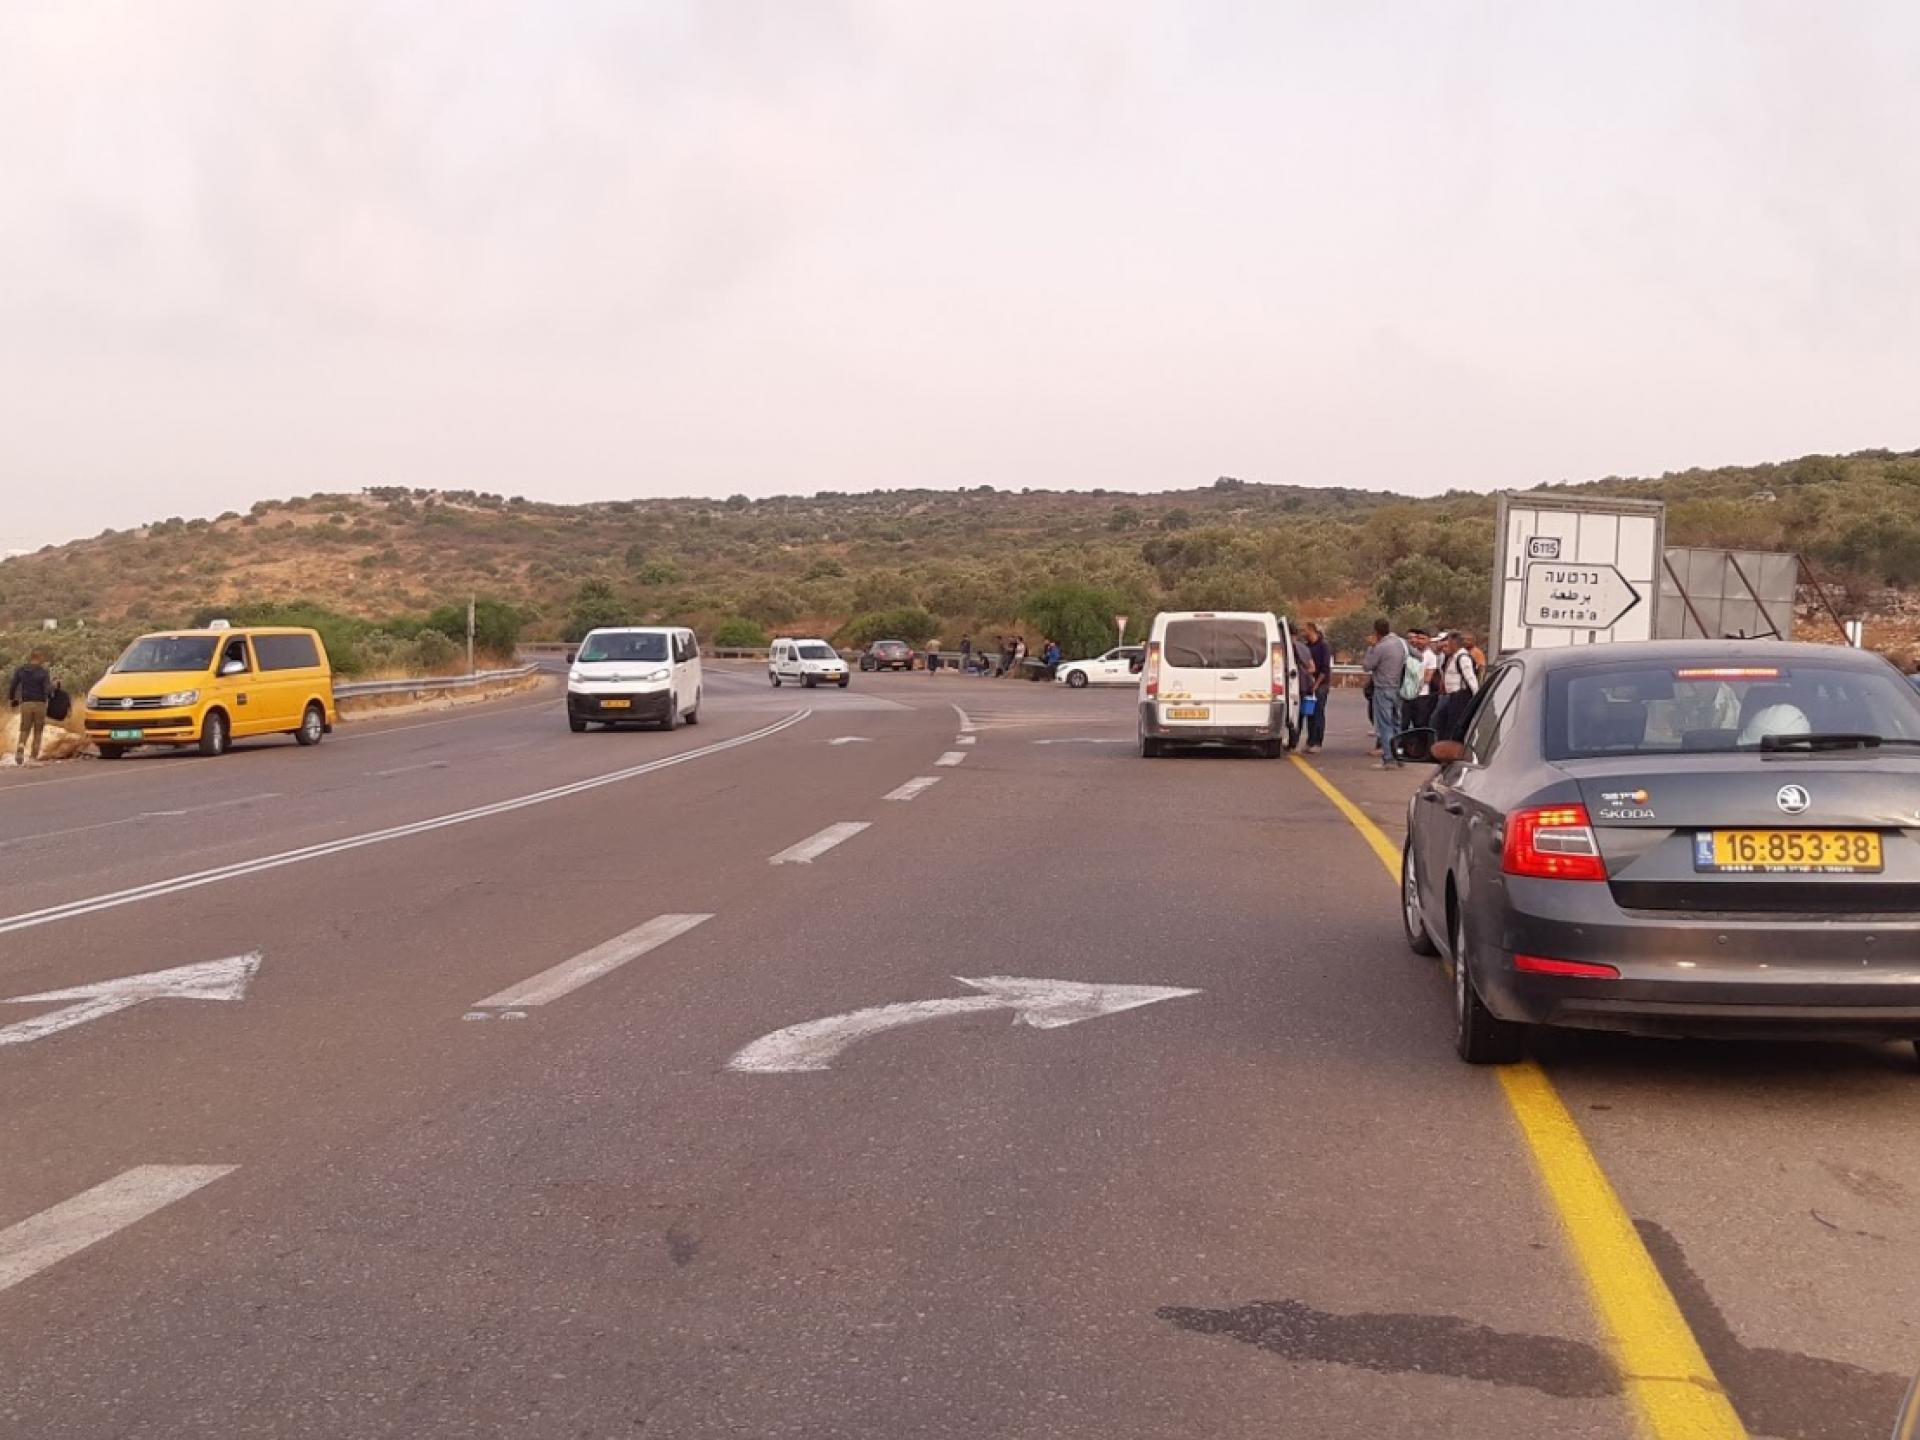 צומת ברטעה המזרחית: תחנת הסעה חופשית לישראל לבאים מהגדה דרך הגדר. אין צורך באישורים